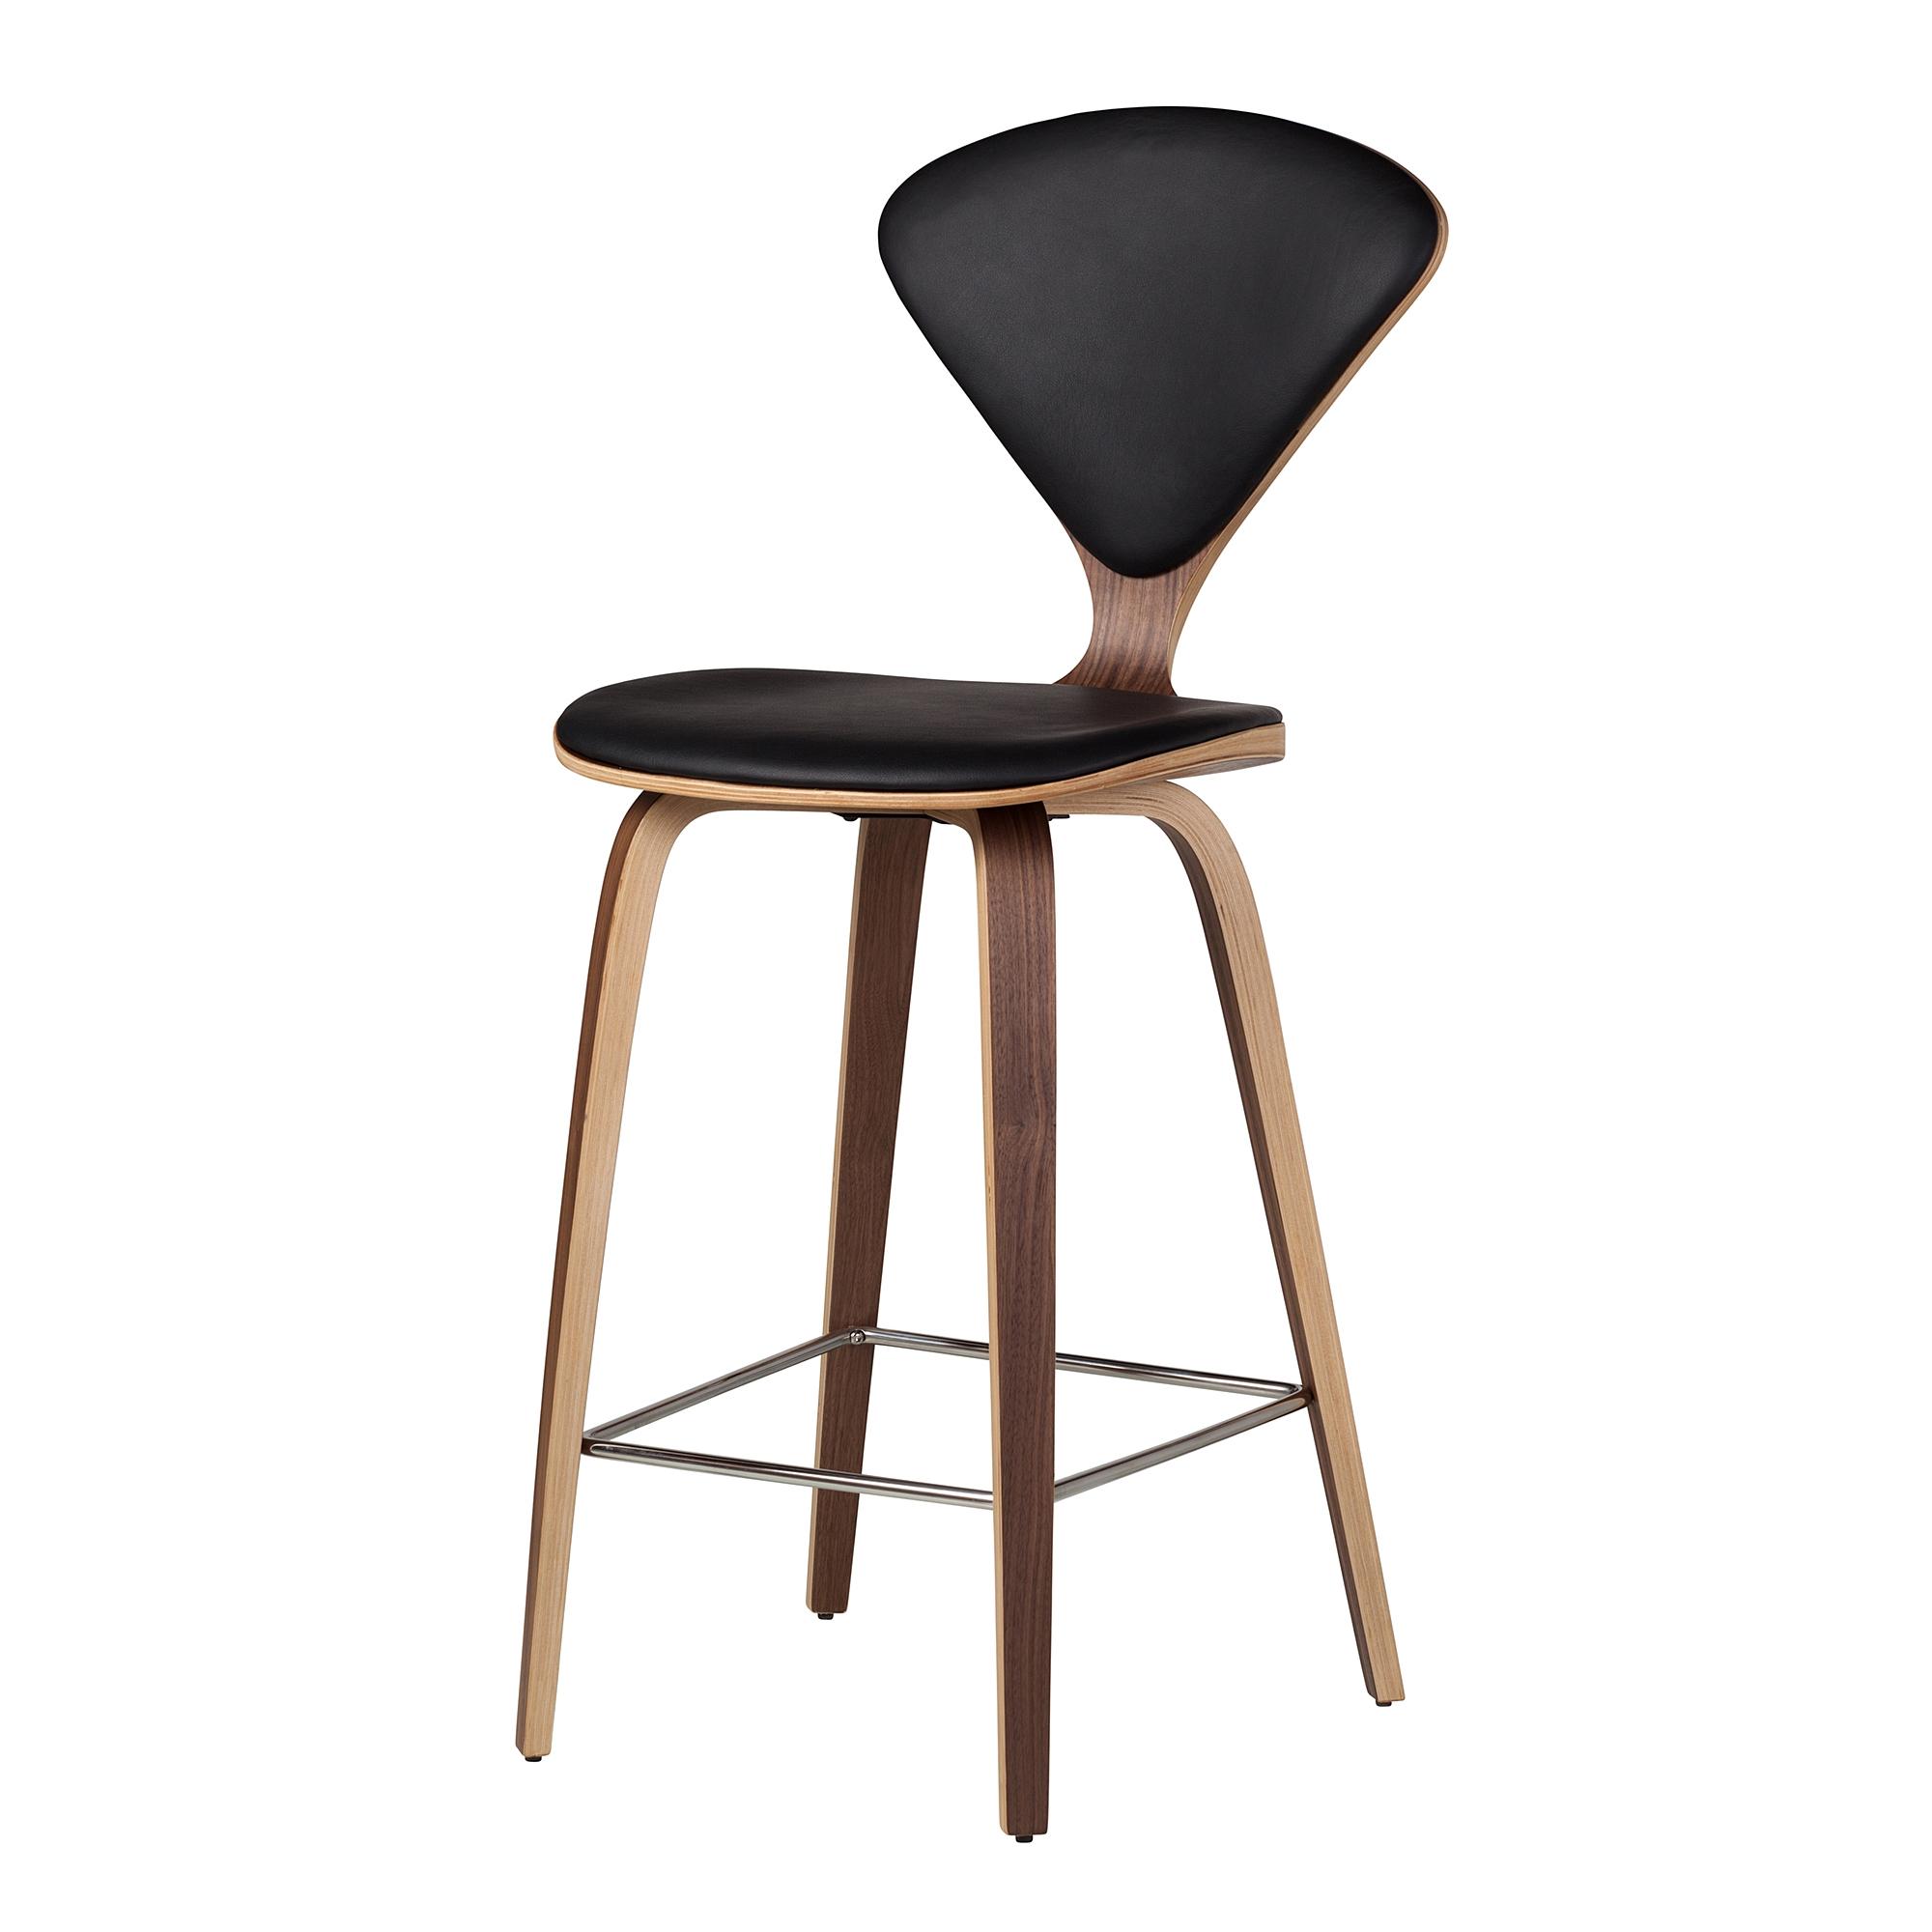 Cherner Inspired Bar Stool In Black Leather The Khazana Home Austin